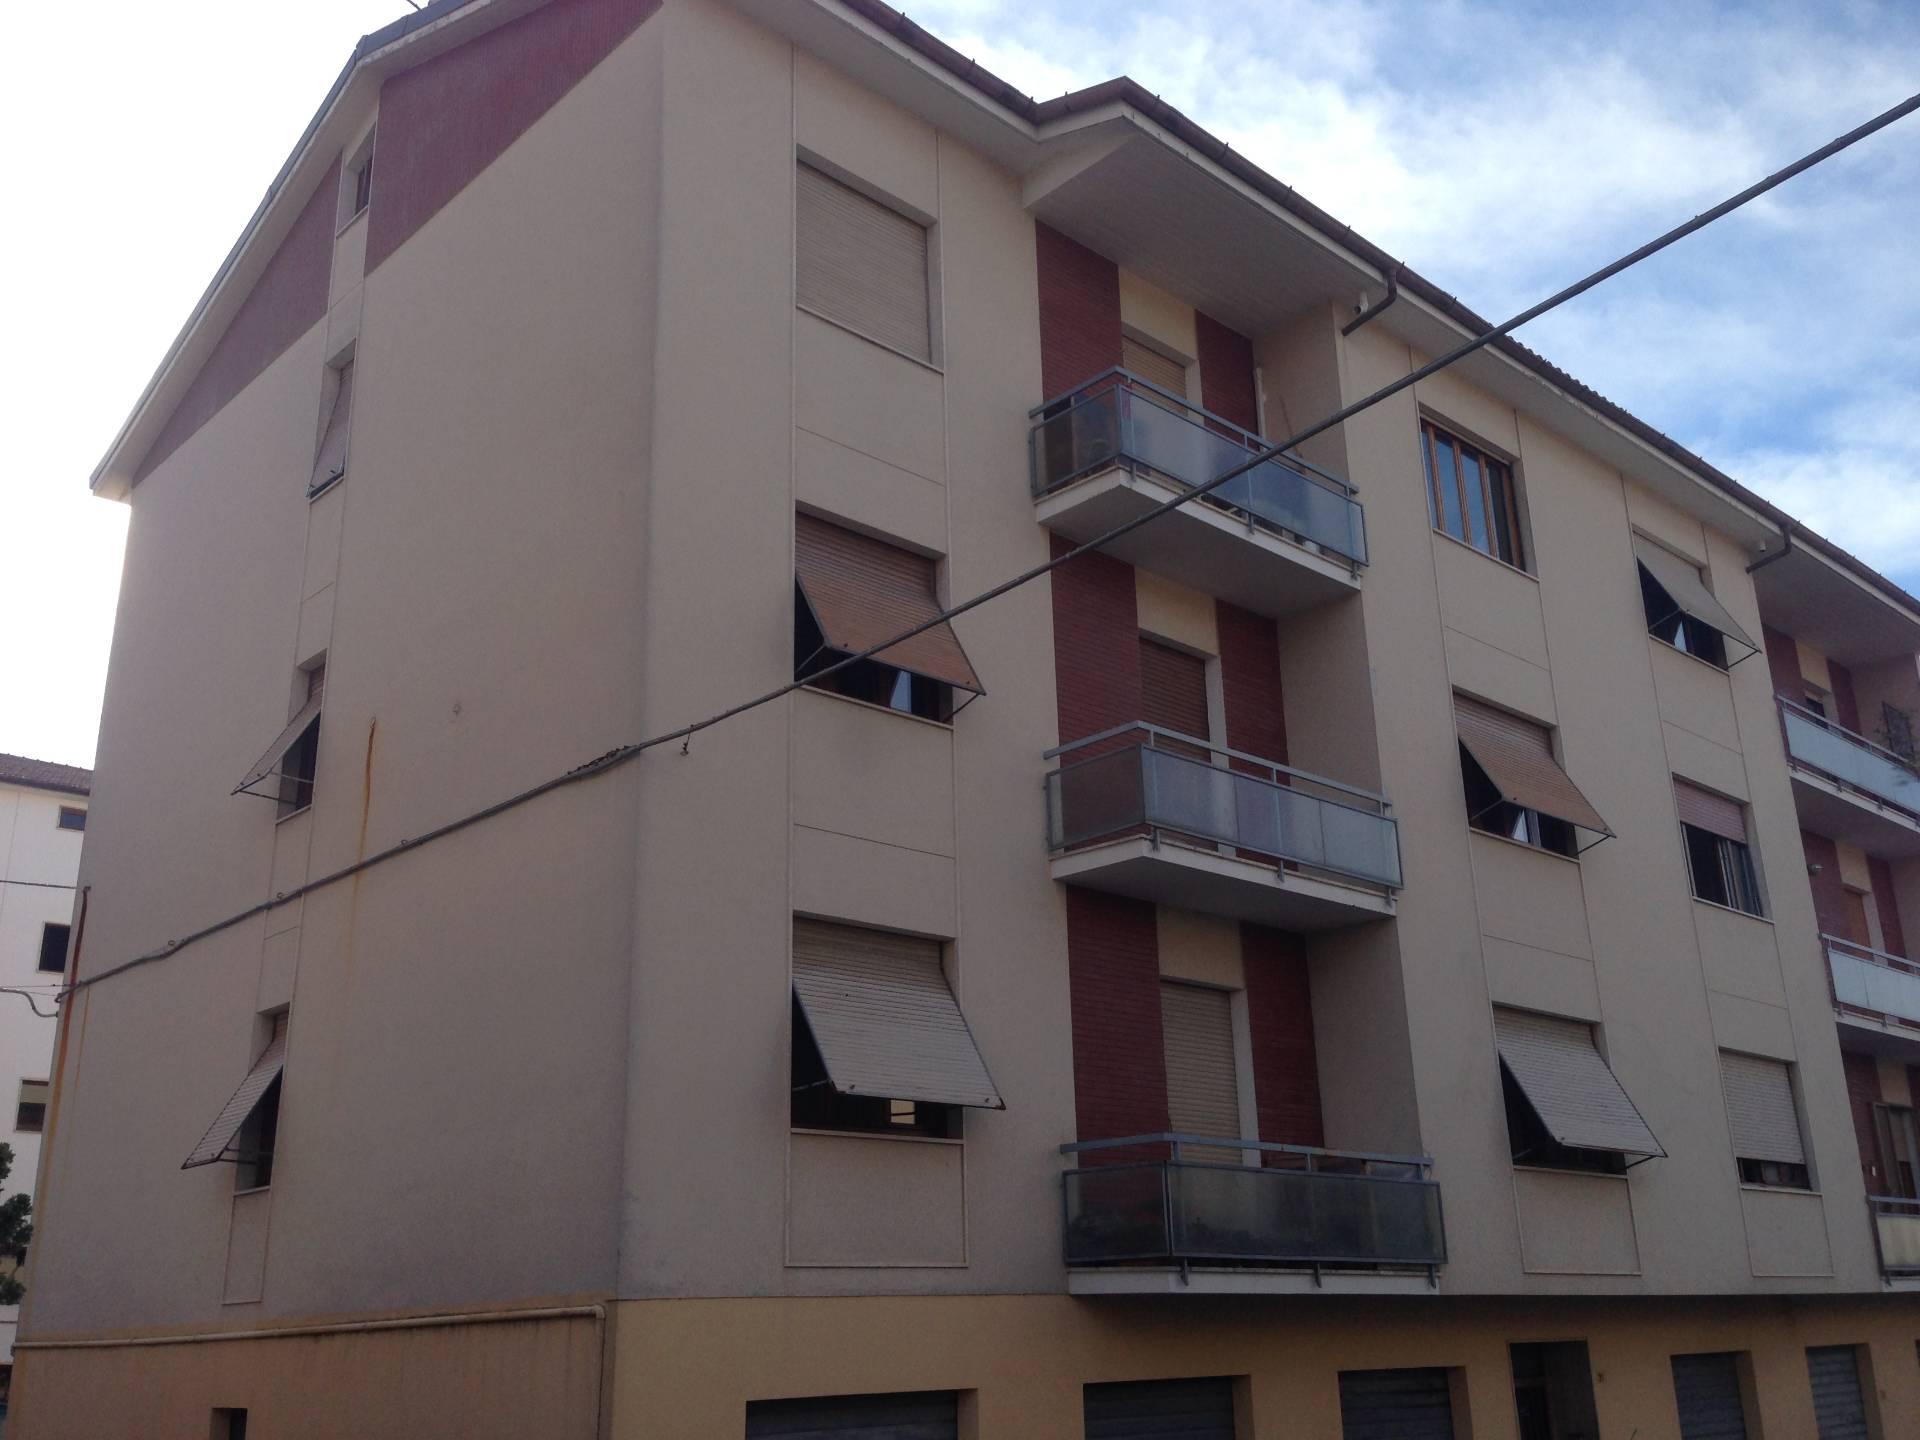 Appartamento in vendita a Fabriano, 7 locali, zona Località: SEMIPERIFERIA, Trattative riservate   CambioCasa.it